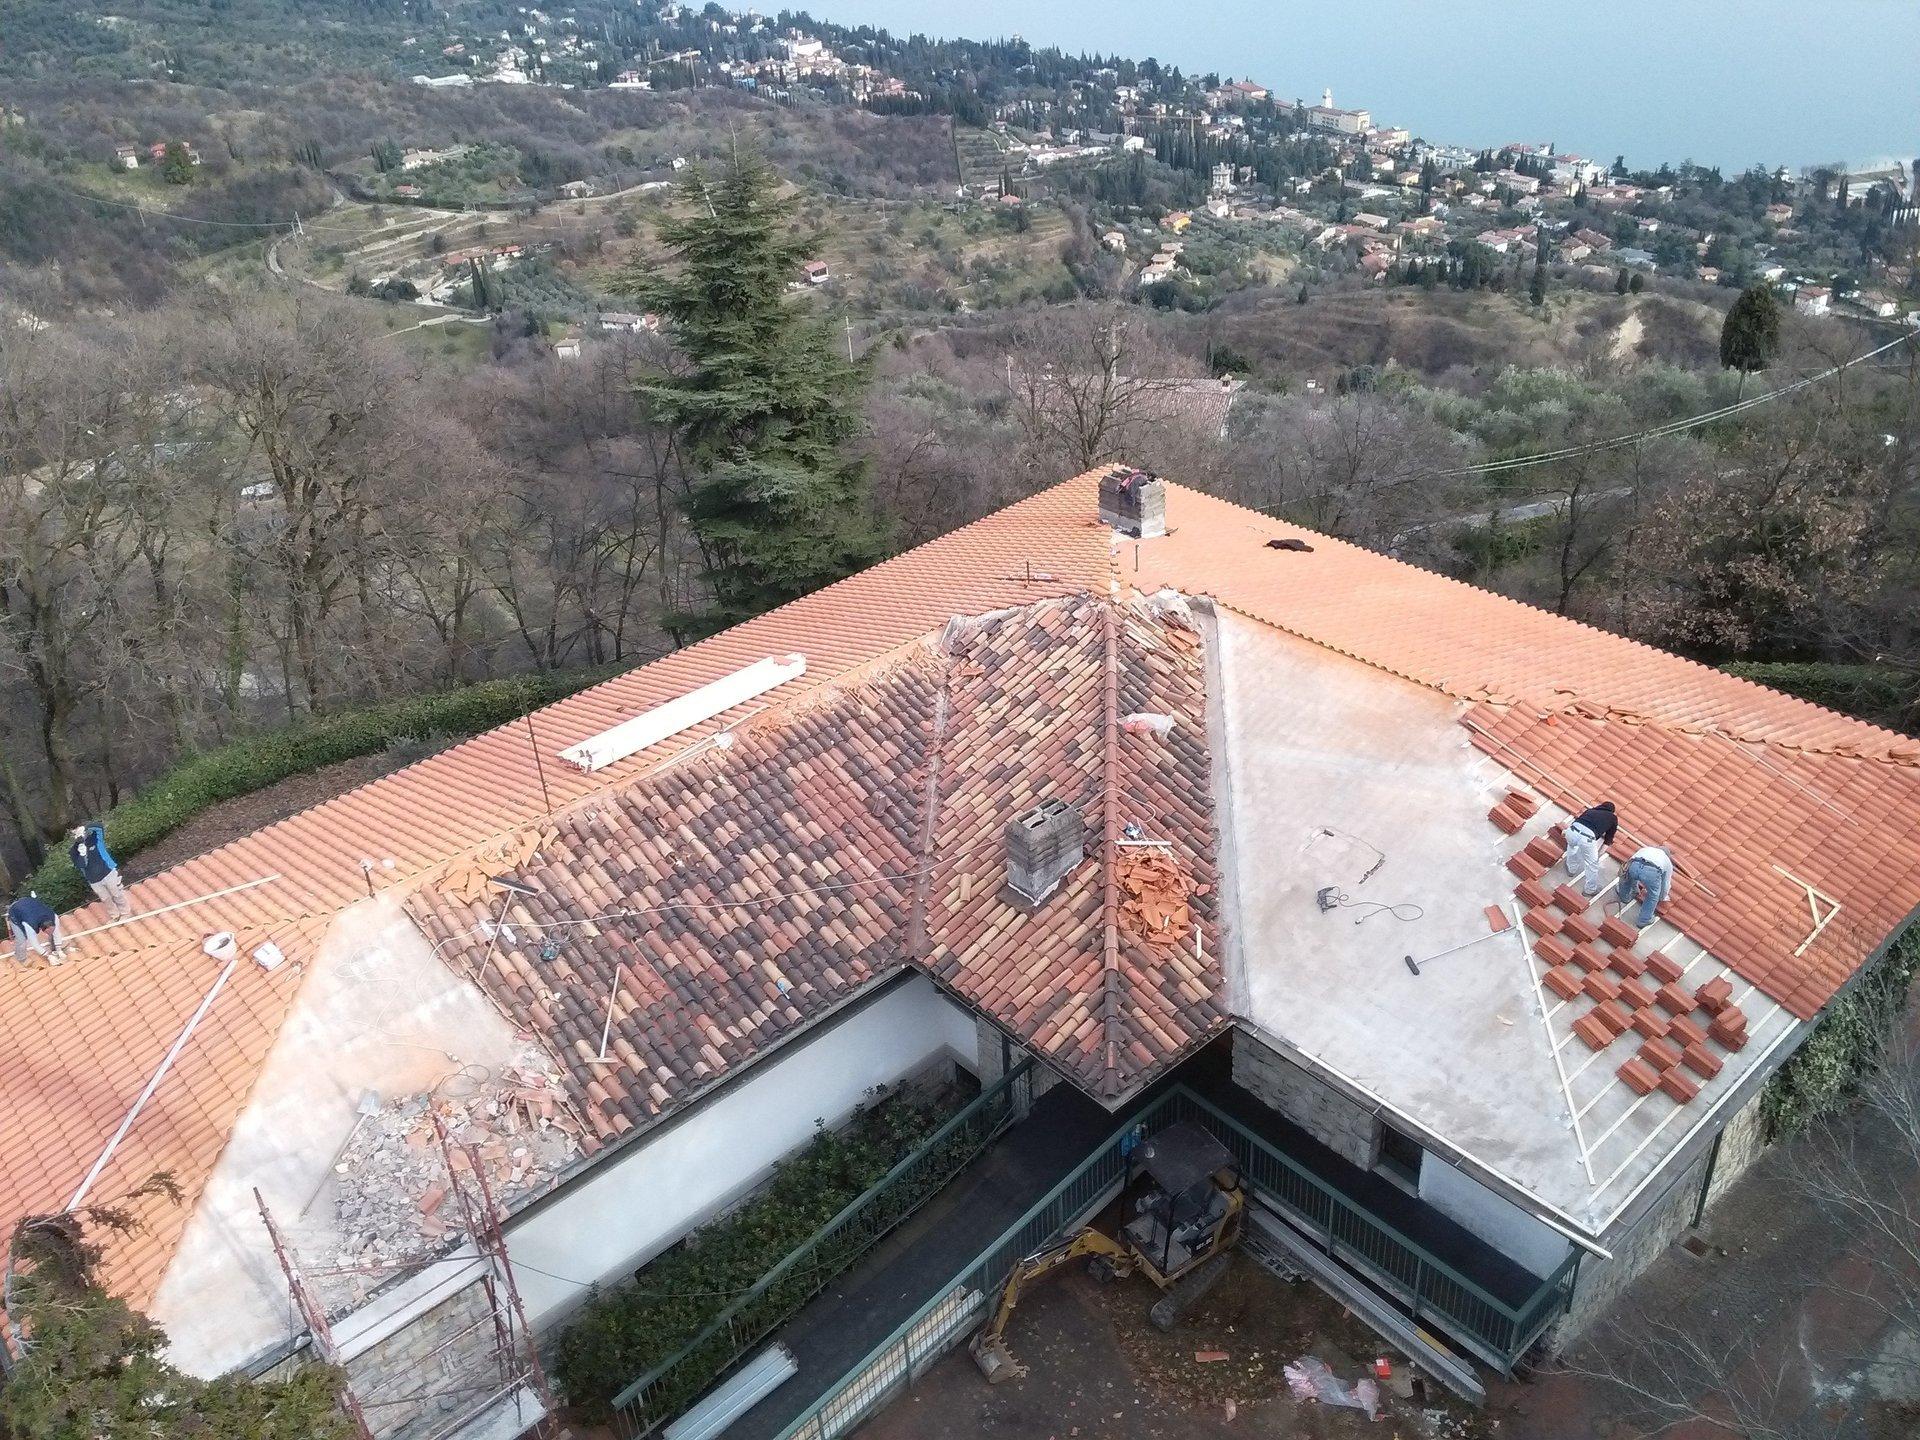 vista angolare di una casa durante rifacimento copertura